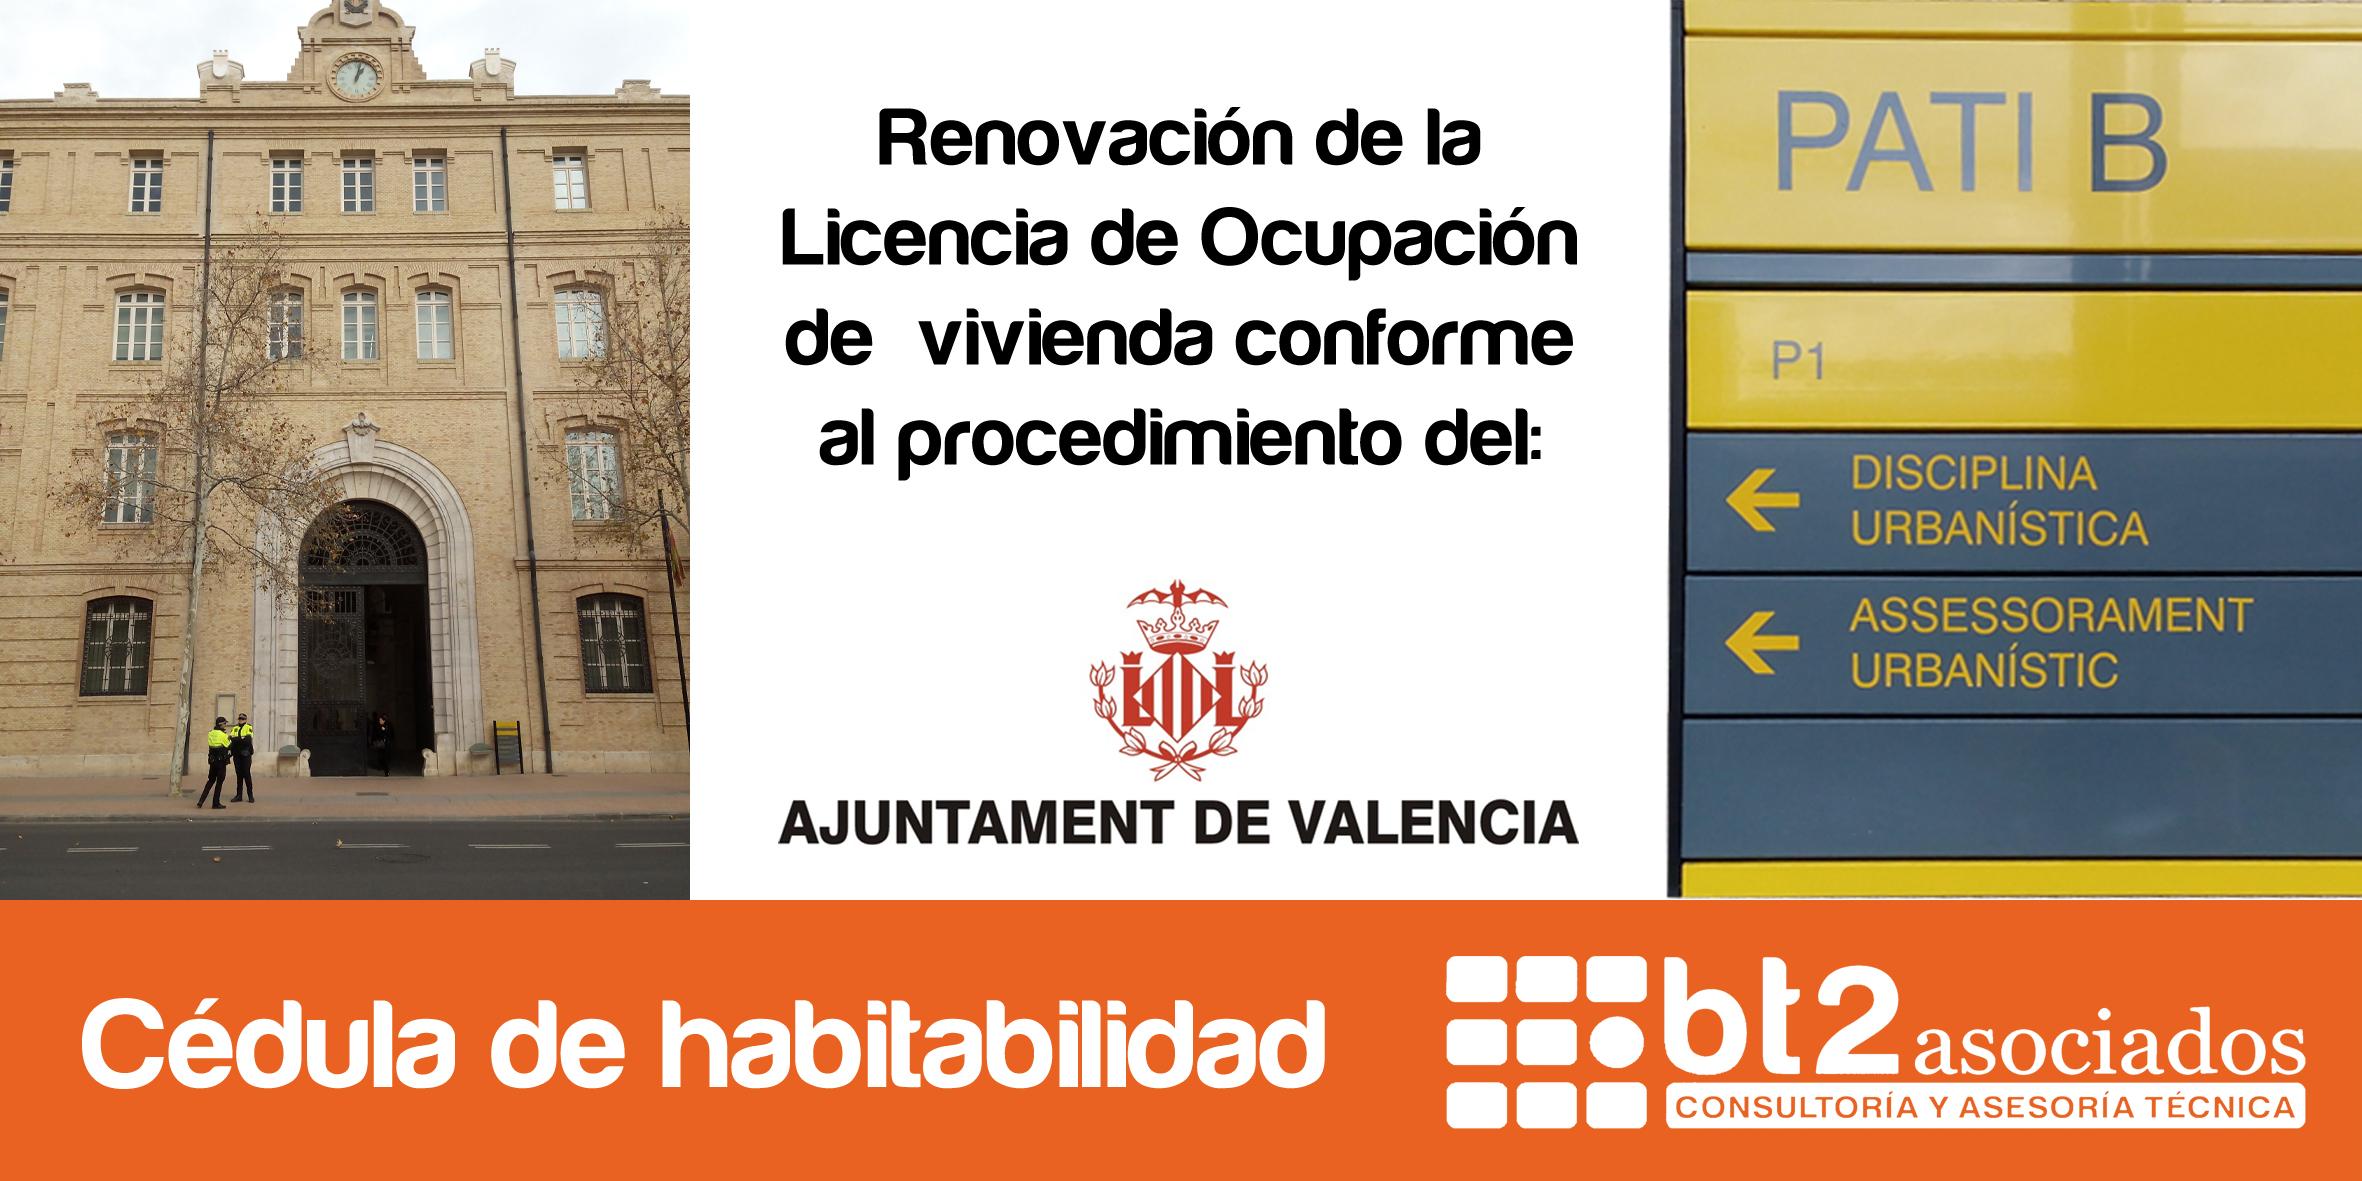 Ayuntamiento licencia de Ocupacion